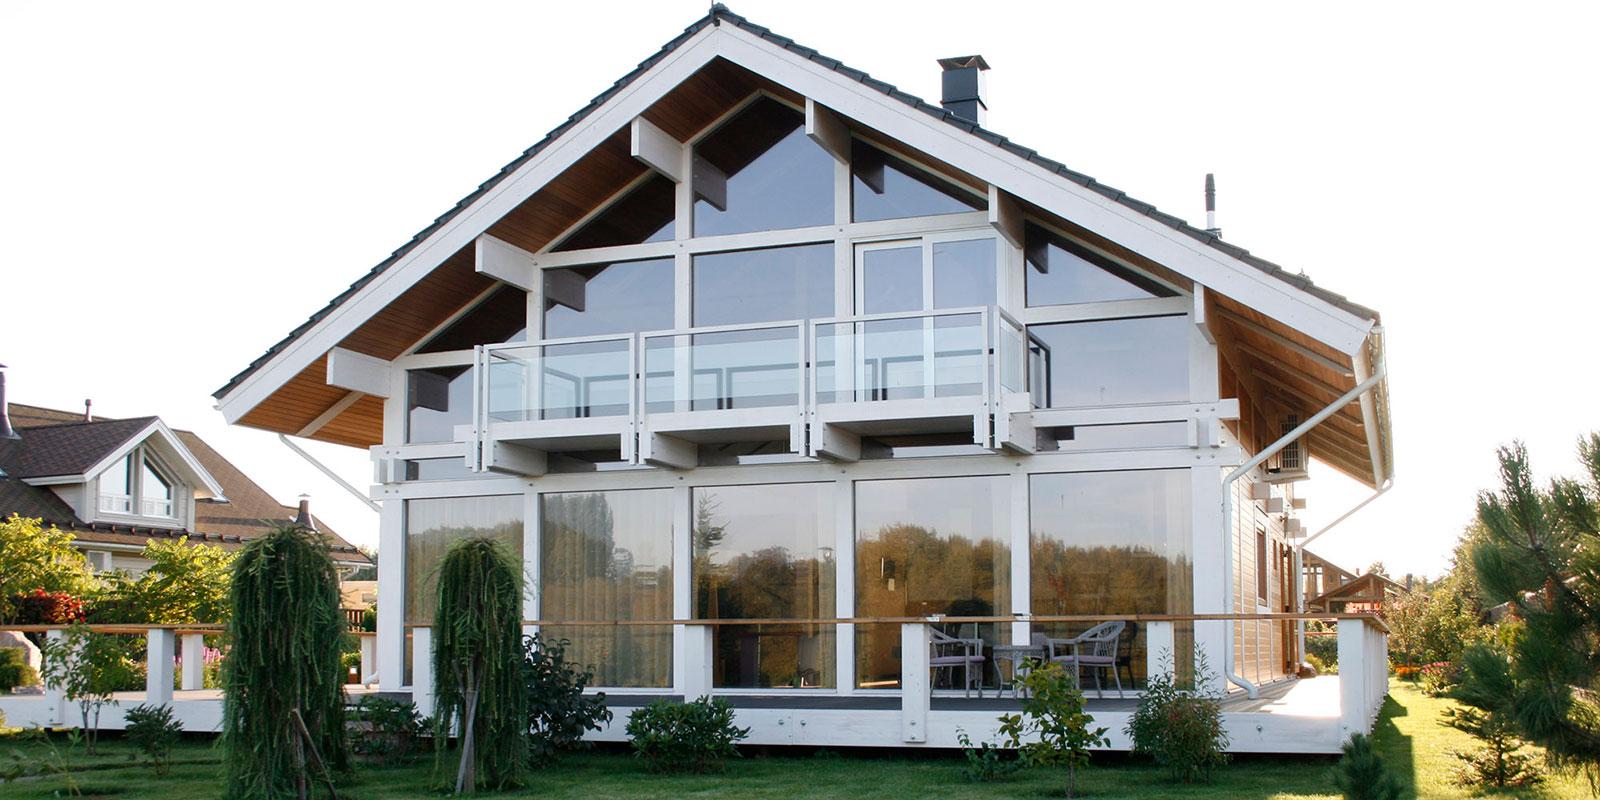 Дом в стиле фахверк, проектирование фахверк и фахверковых домов